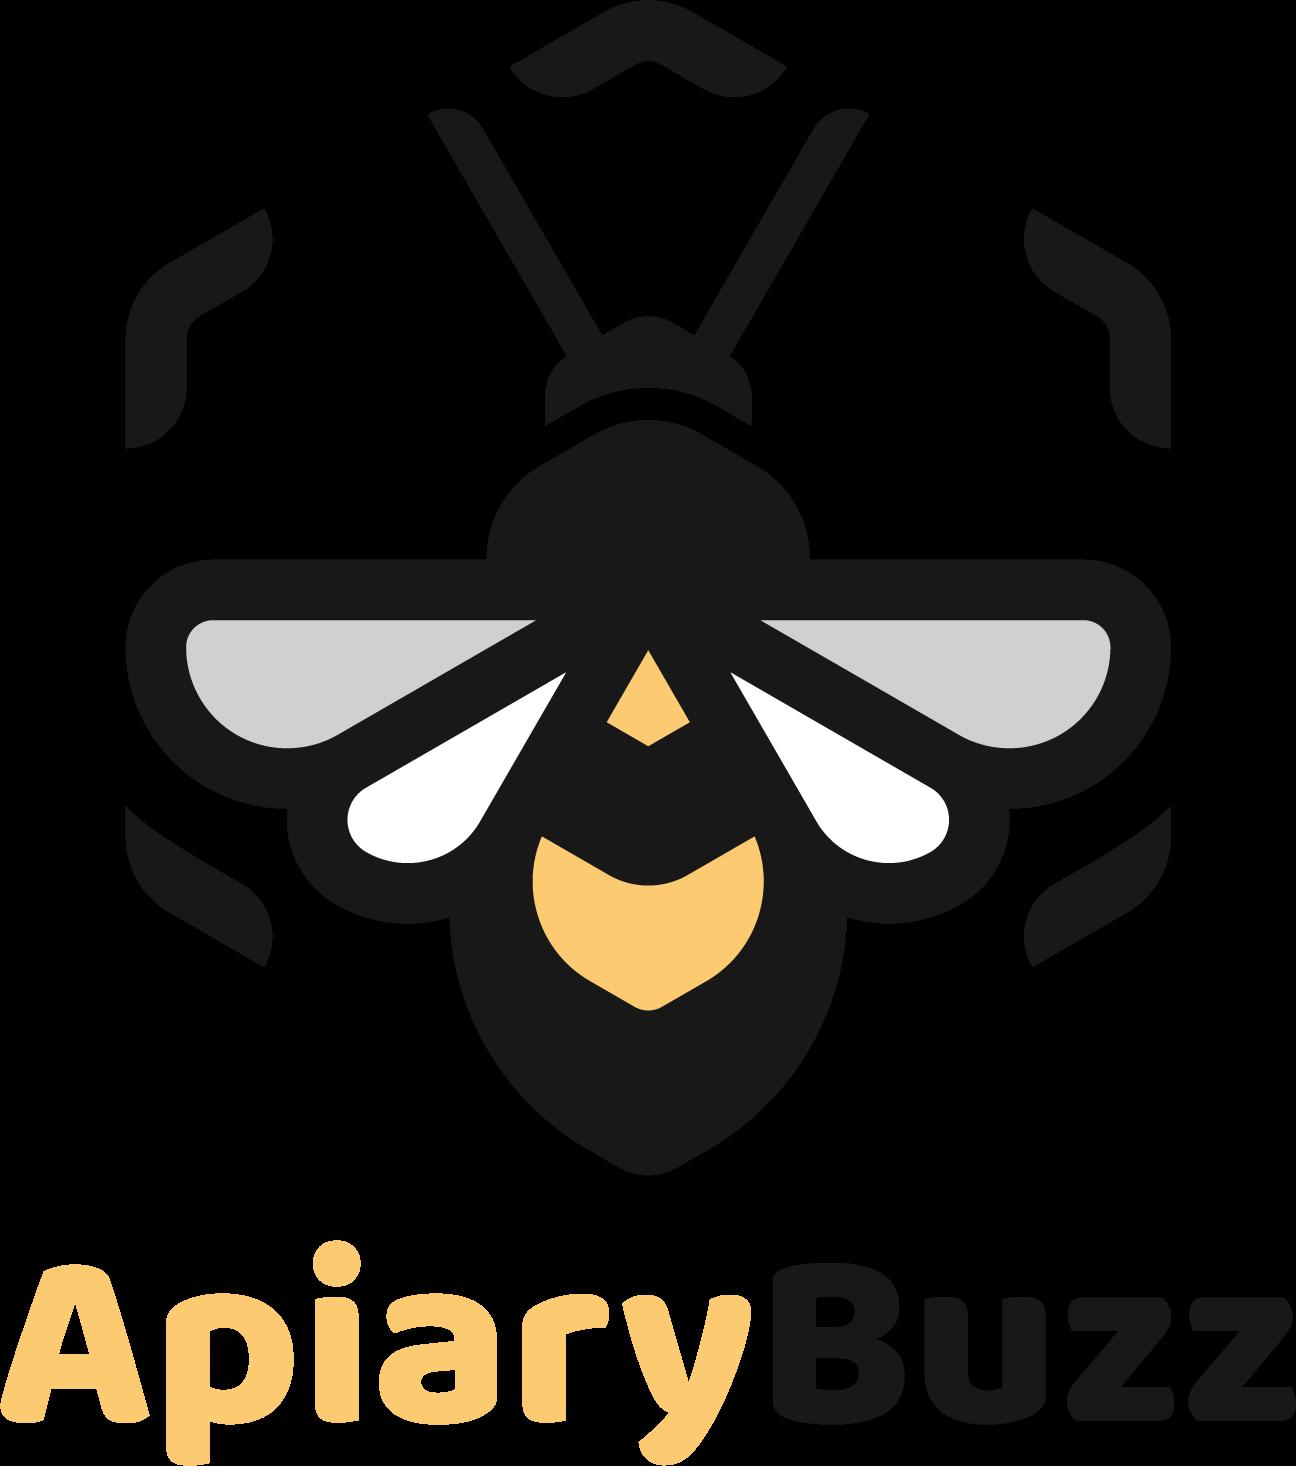 ApiaryBuzz